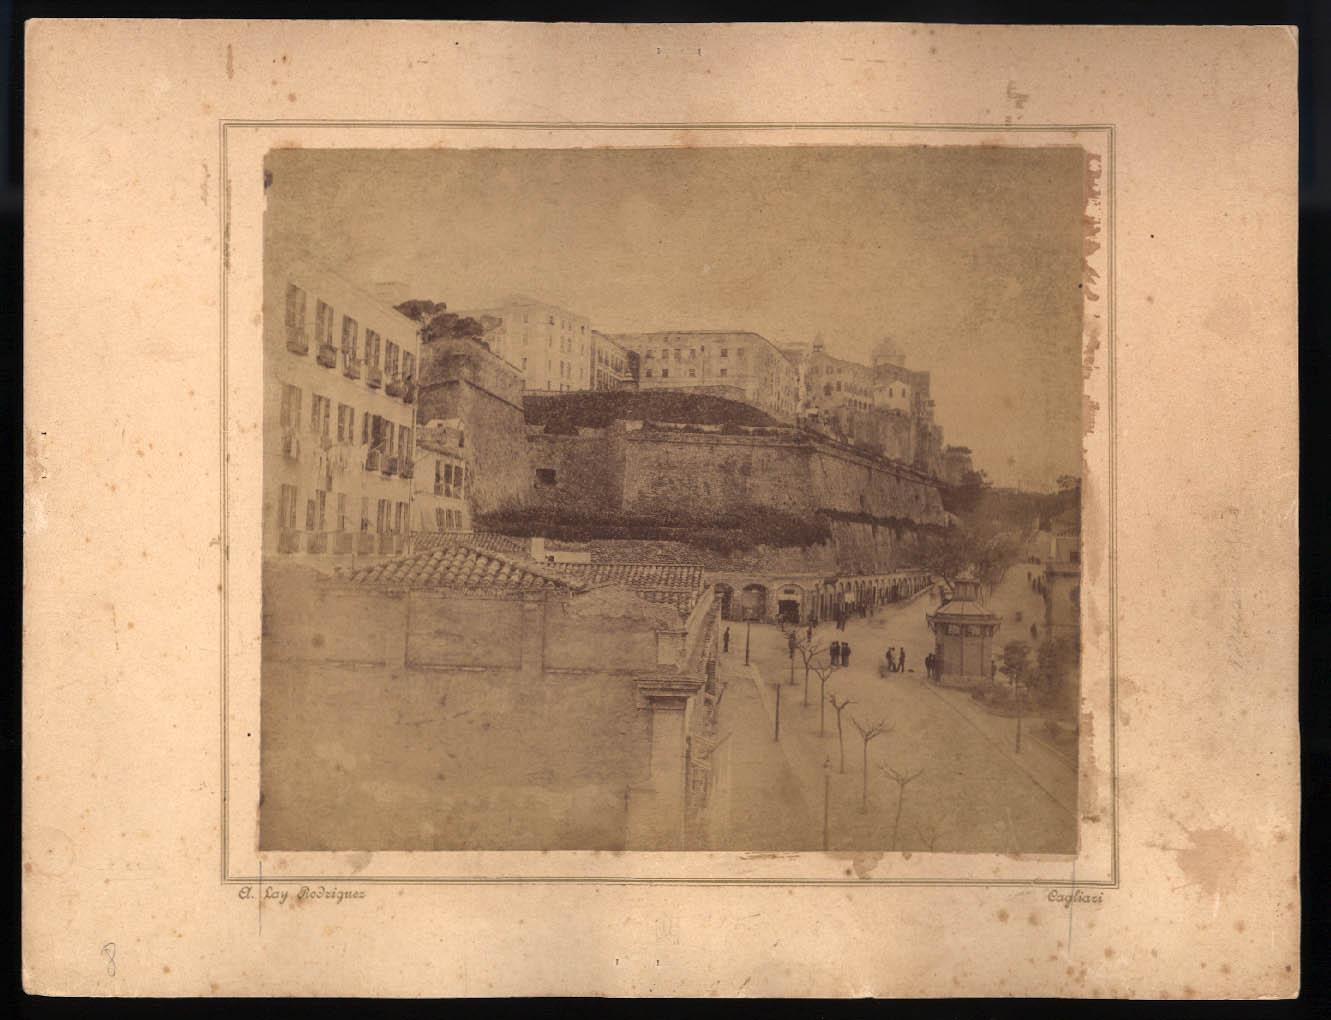 Archivio Comunale - 1880 - Topografia_jpg_foto 0018